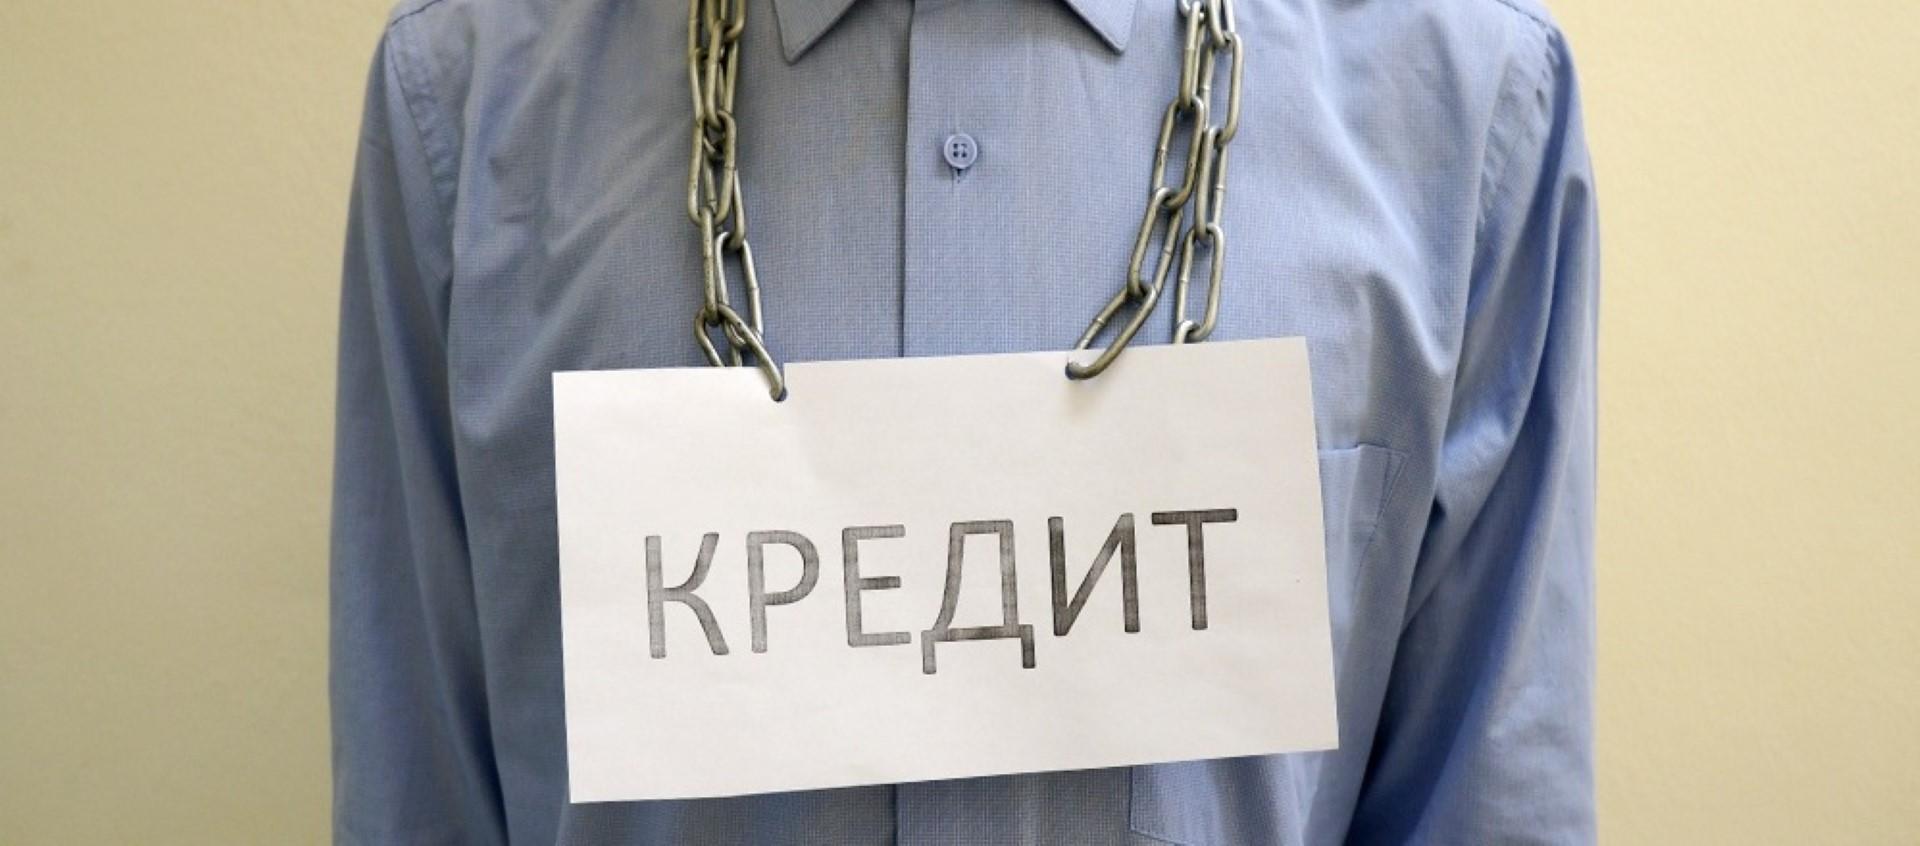 Амнистия по кредитным долгам для физических лиц банк подал заявление в суд